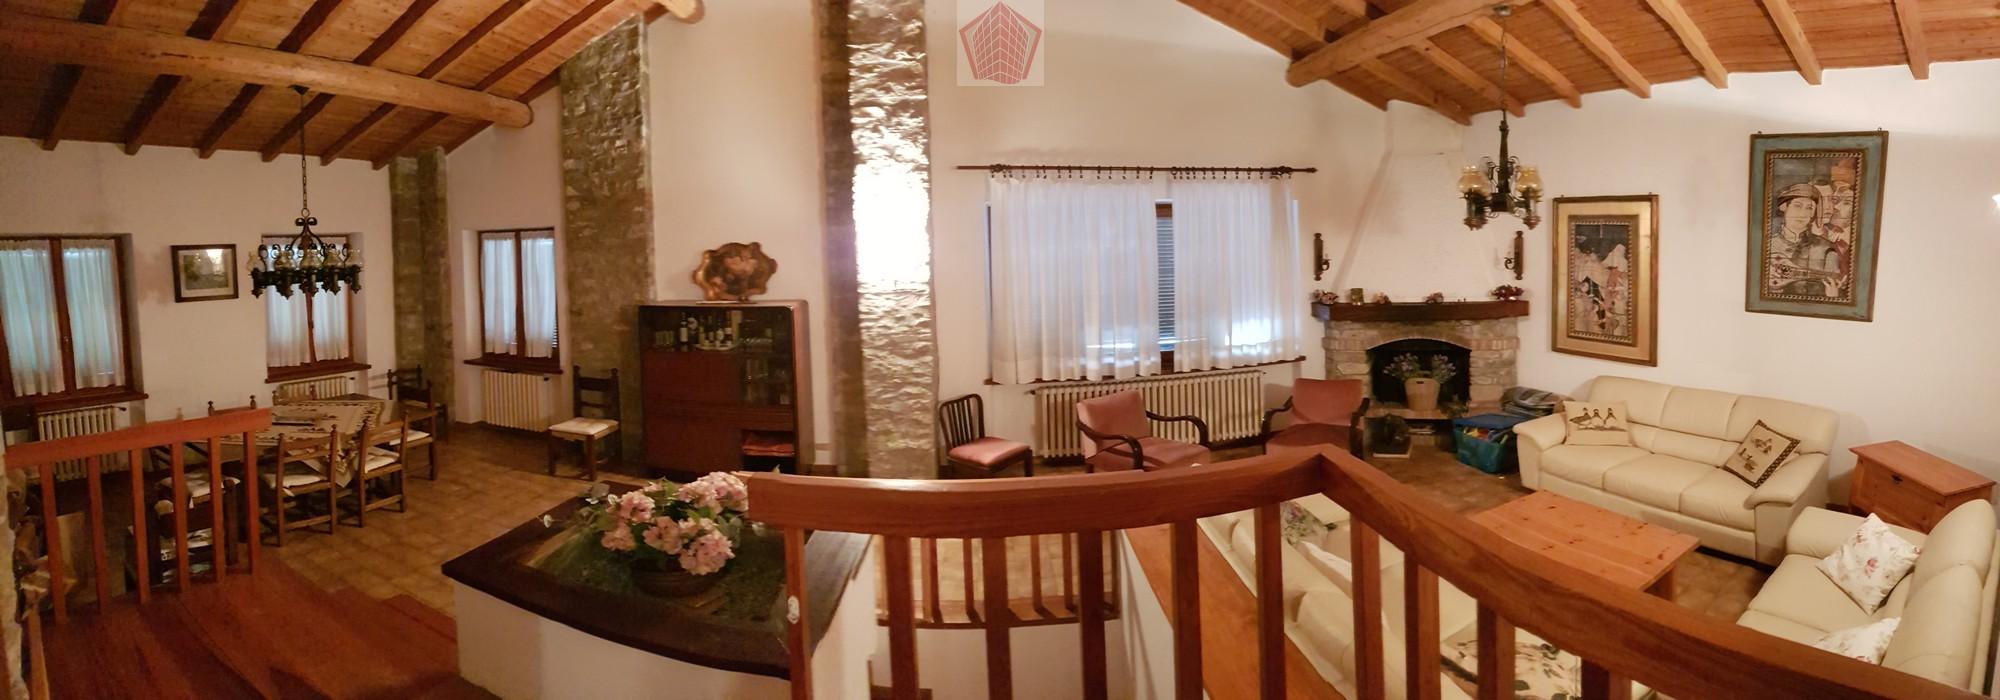 Volpara (PV) VENDITA Villa singola con terreno Rif. 198